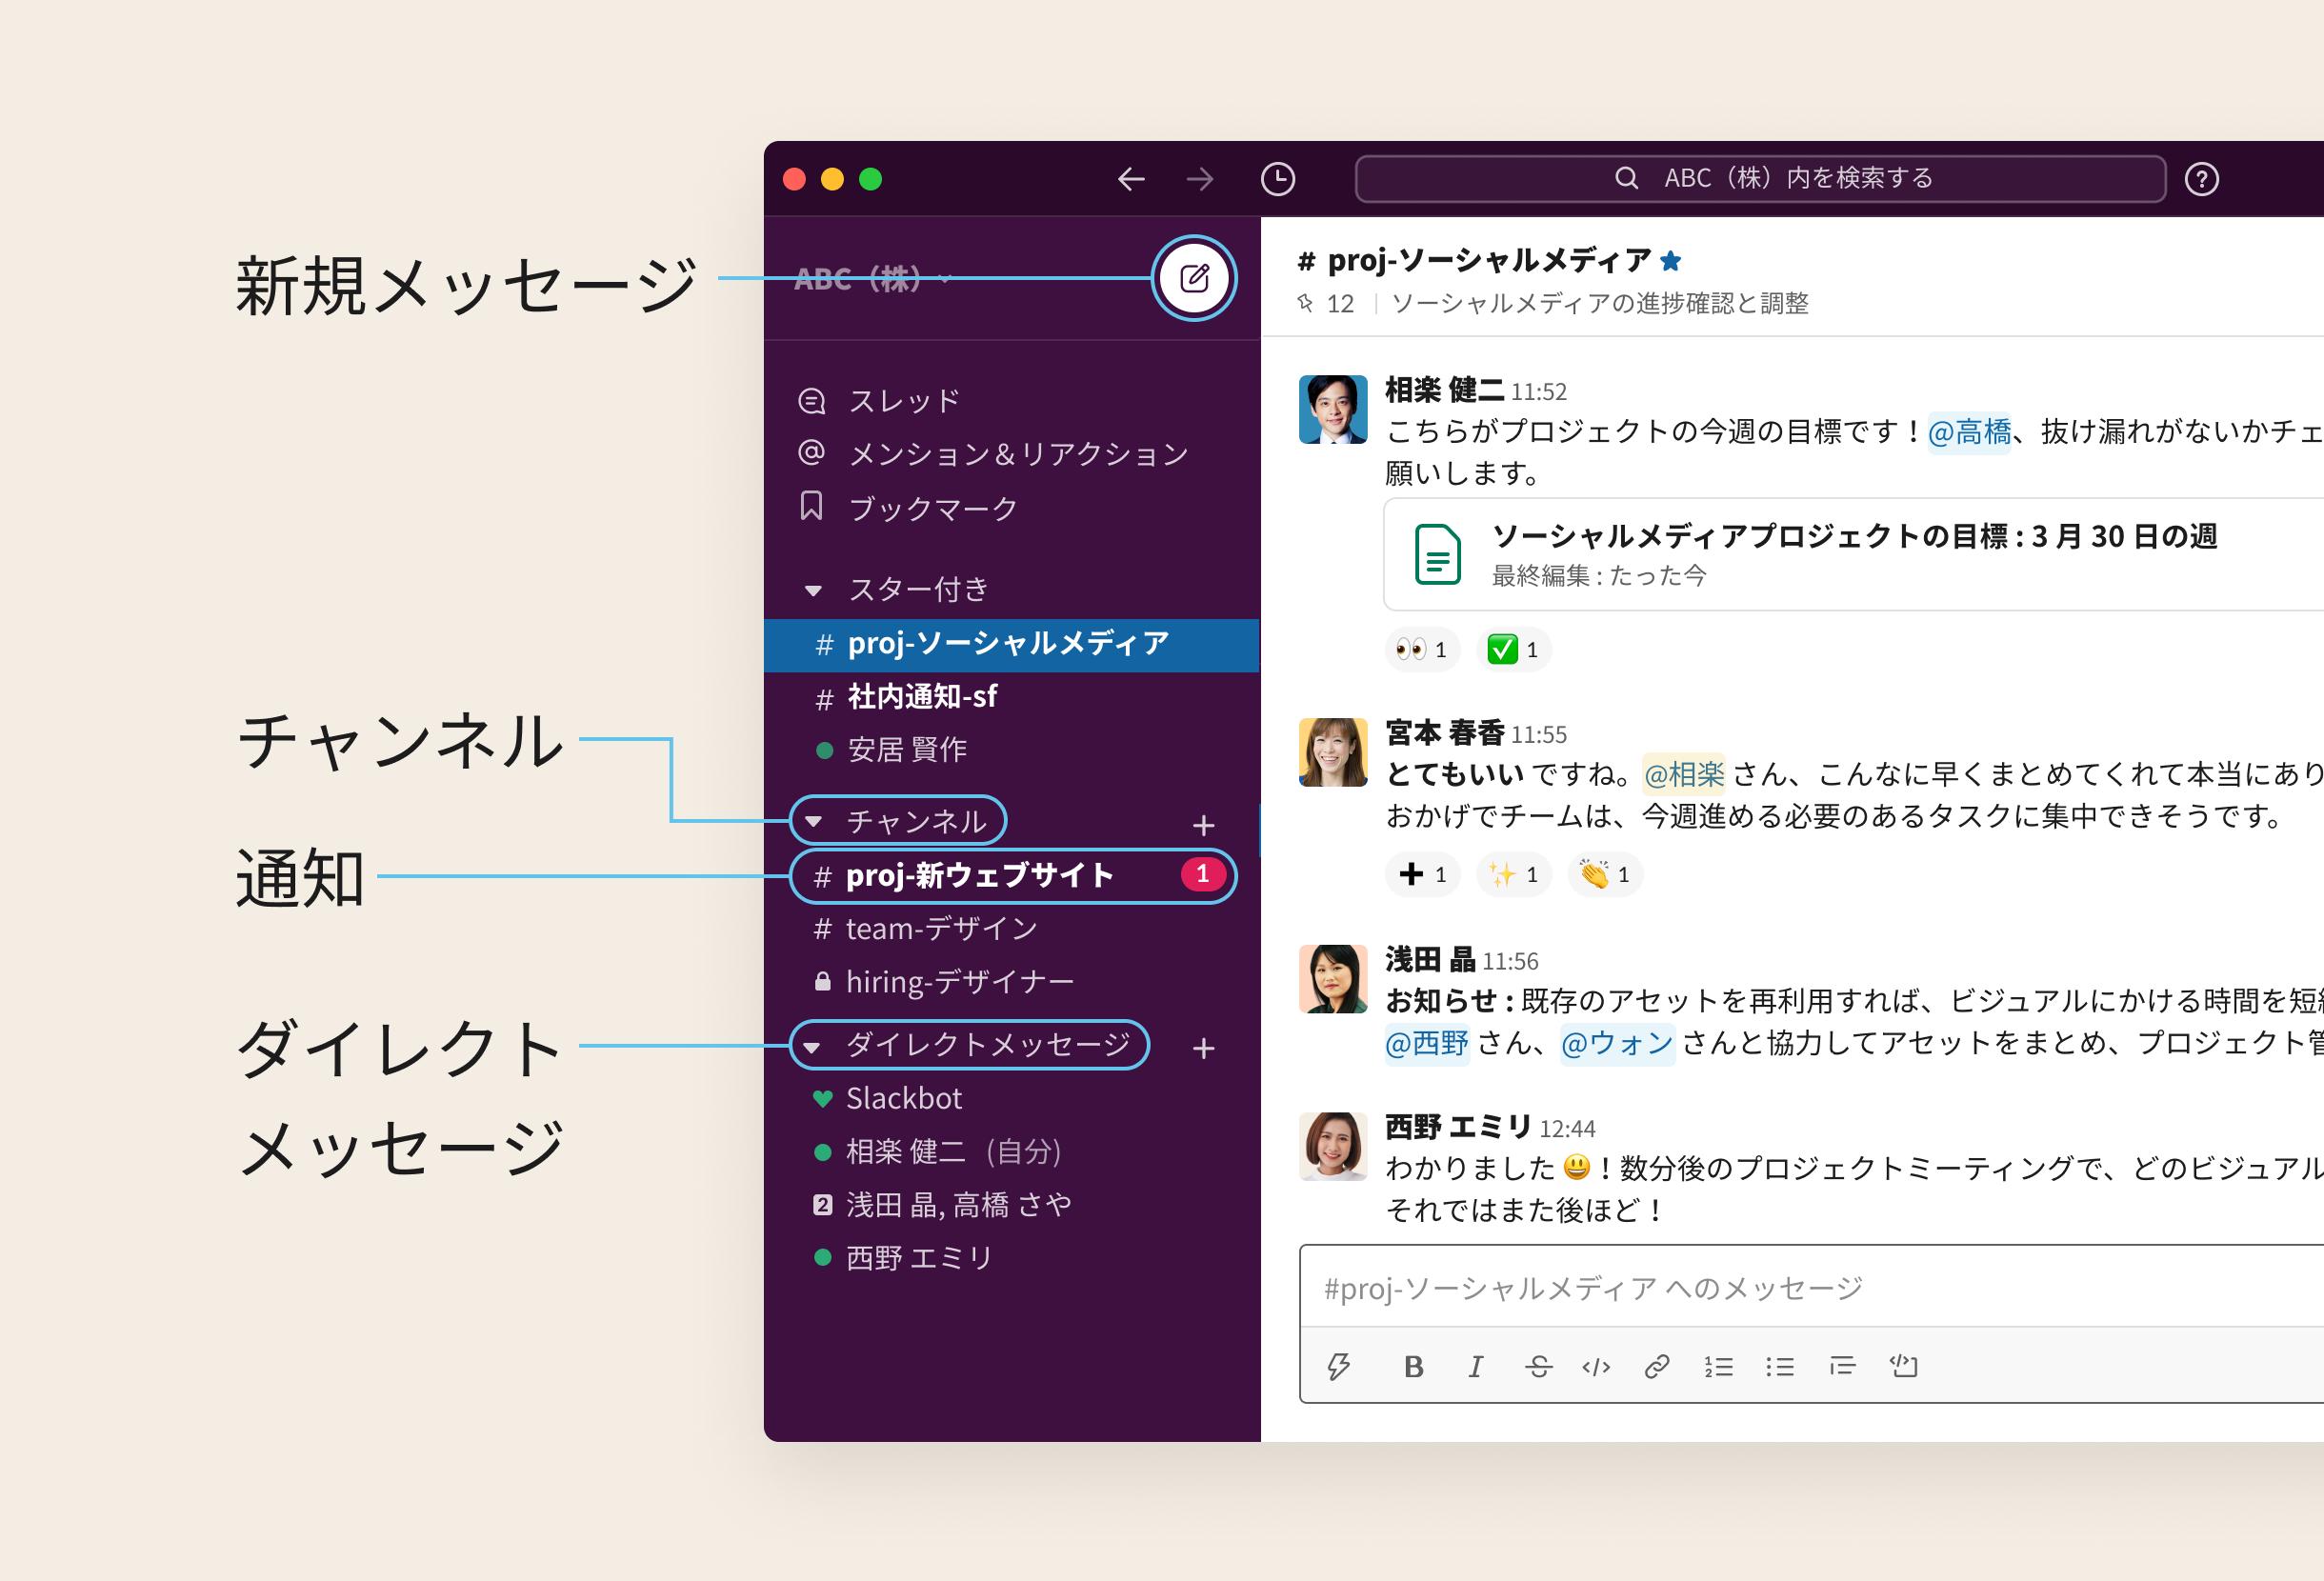 Slack の左サイドバーに表示されるチャンネル、ダイレクトメッセージ、通知のリスト